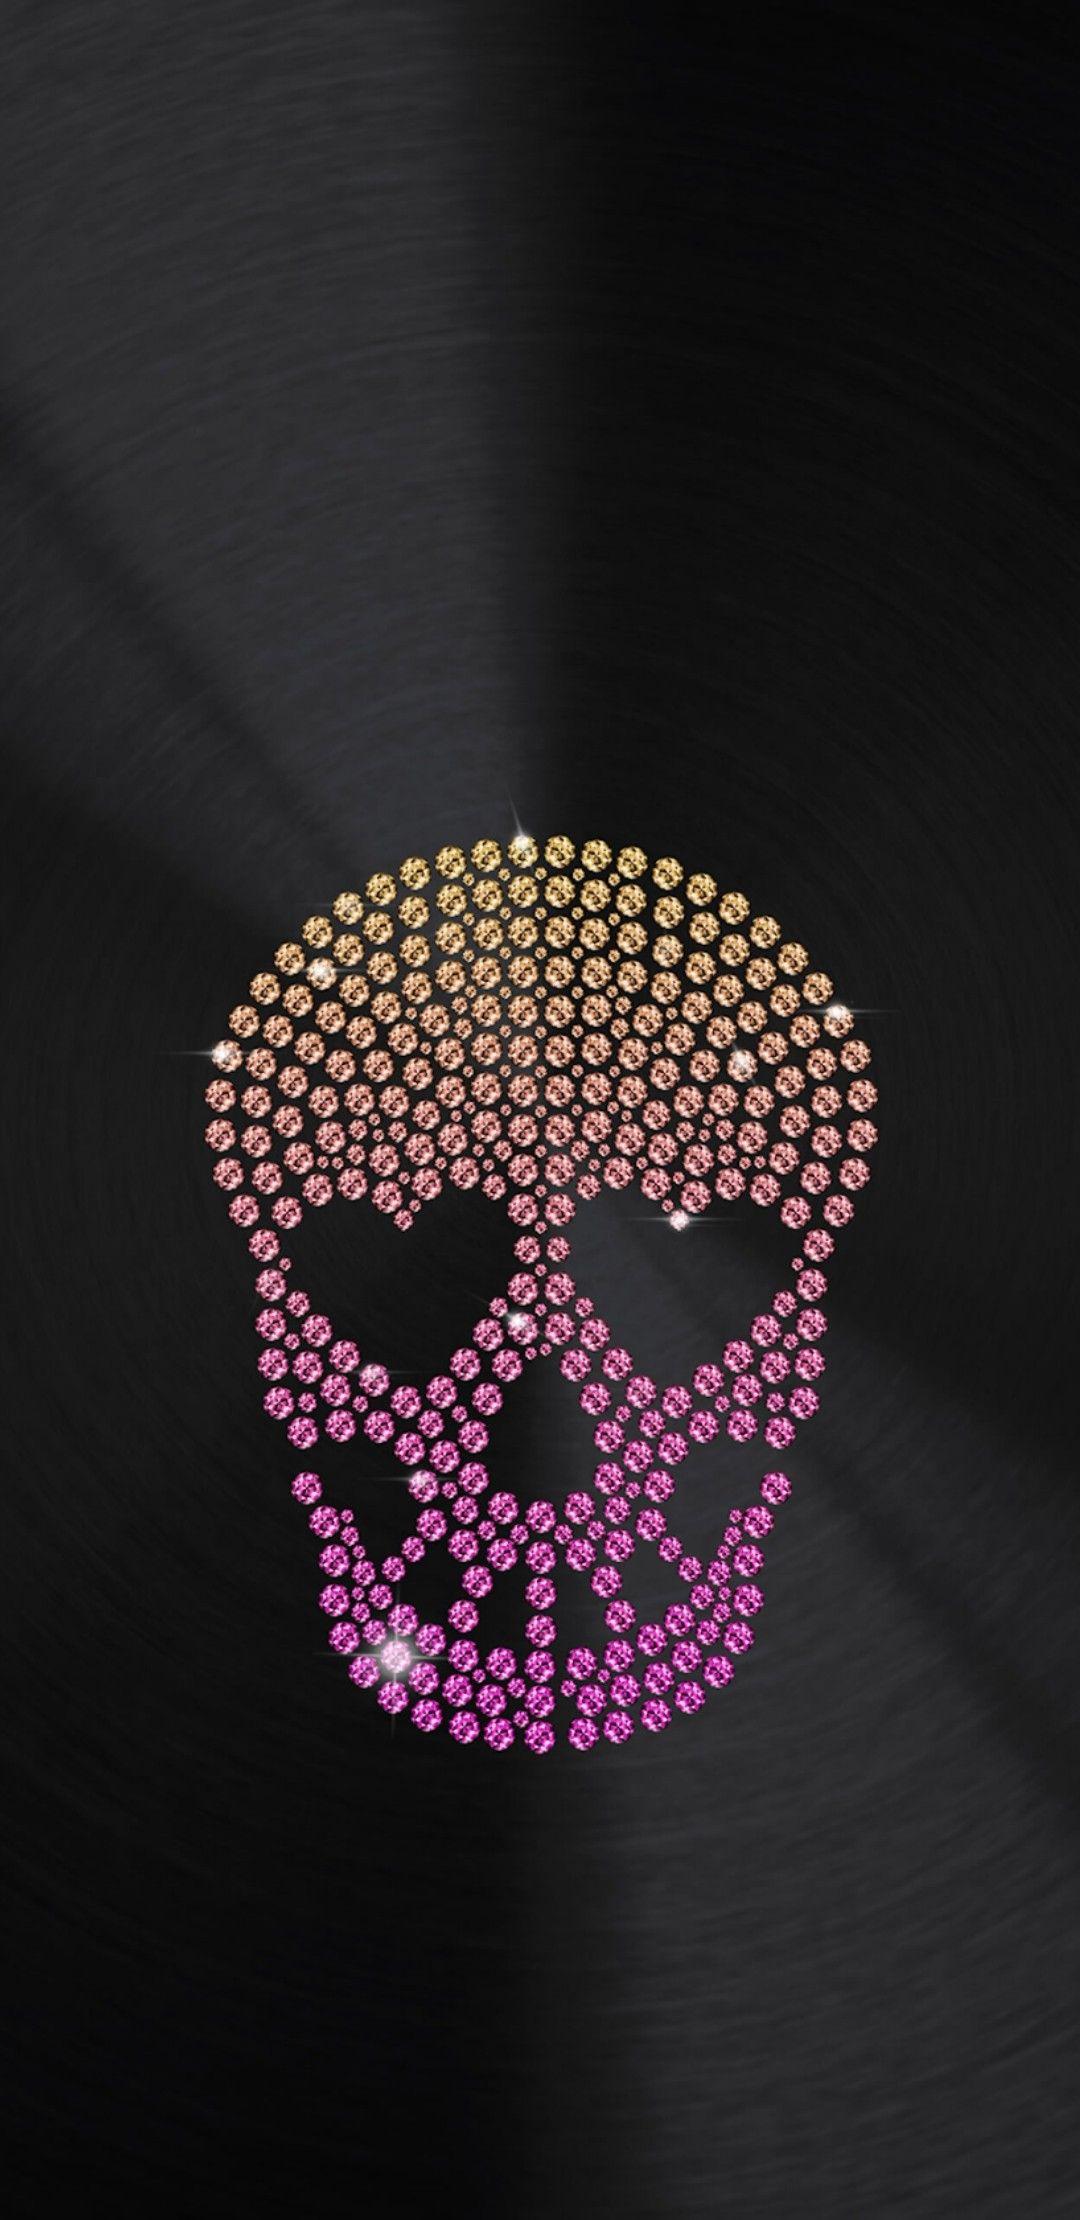 Pin By Olik On неон In 2019 Skull Wallpaper Sugar Skull